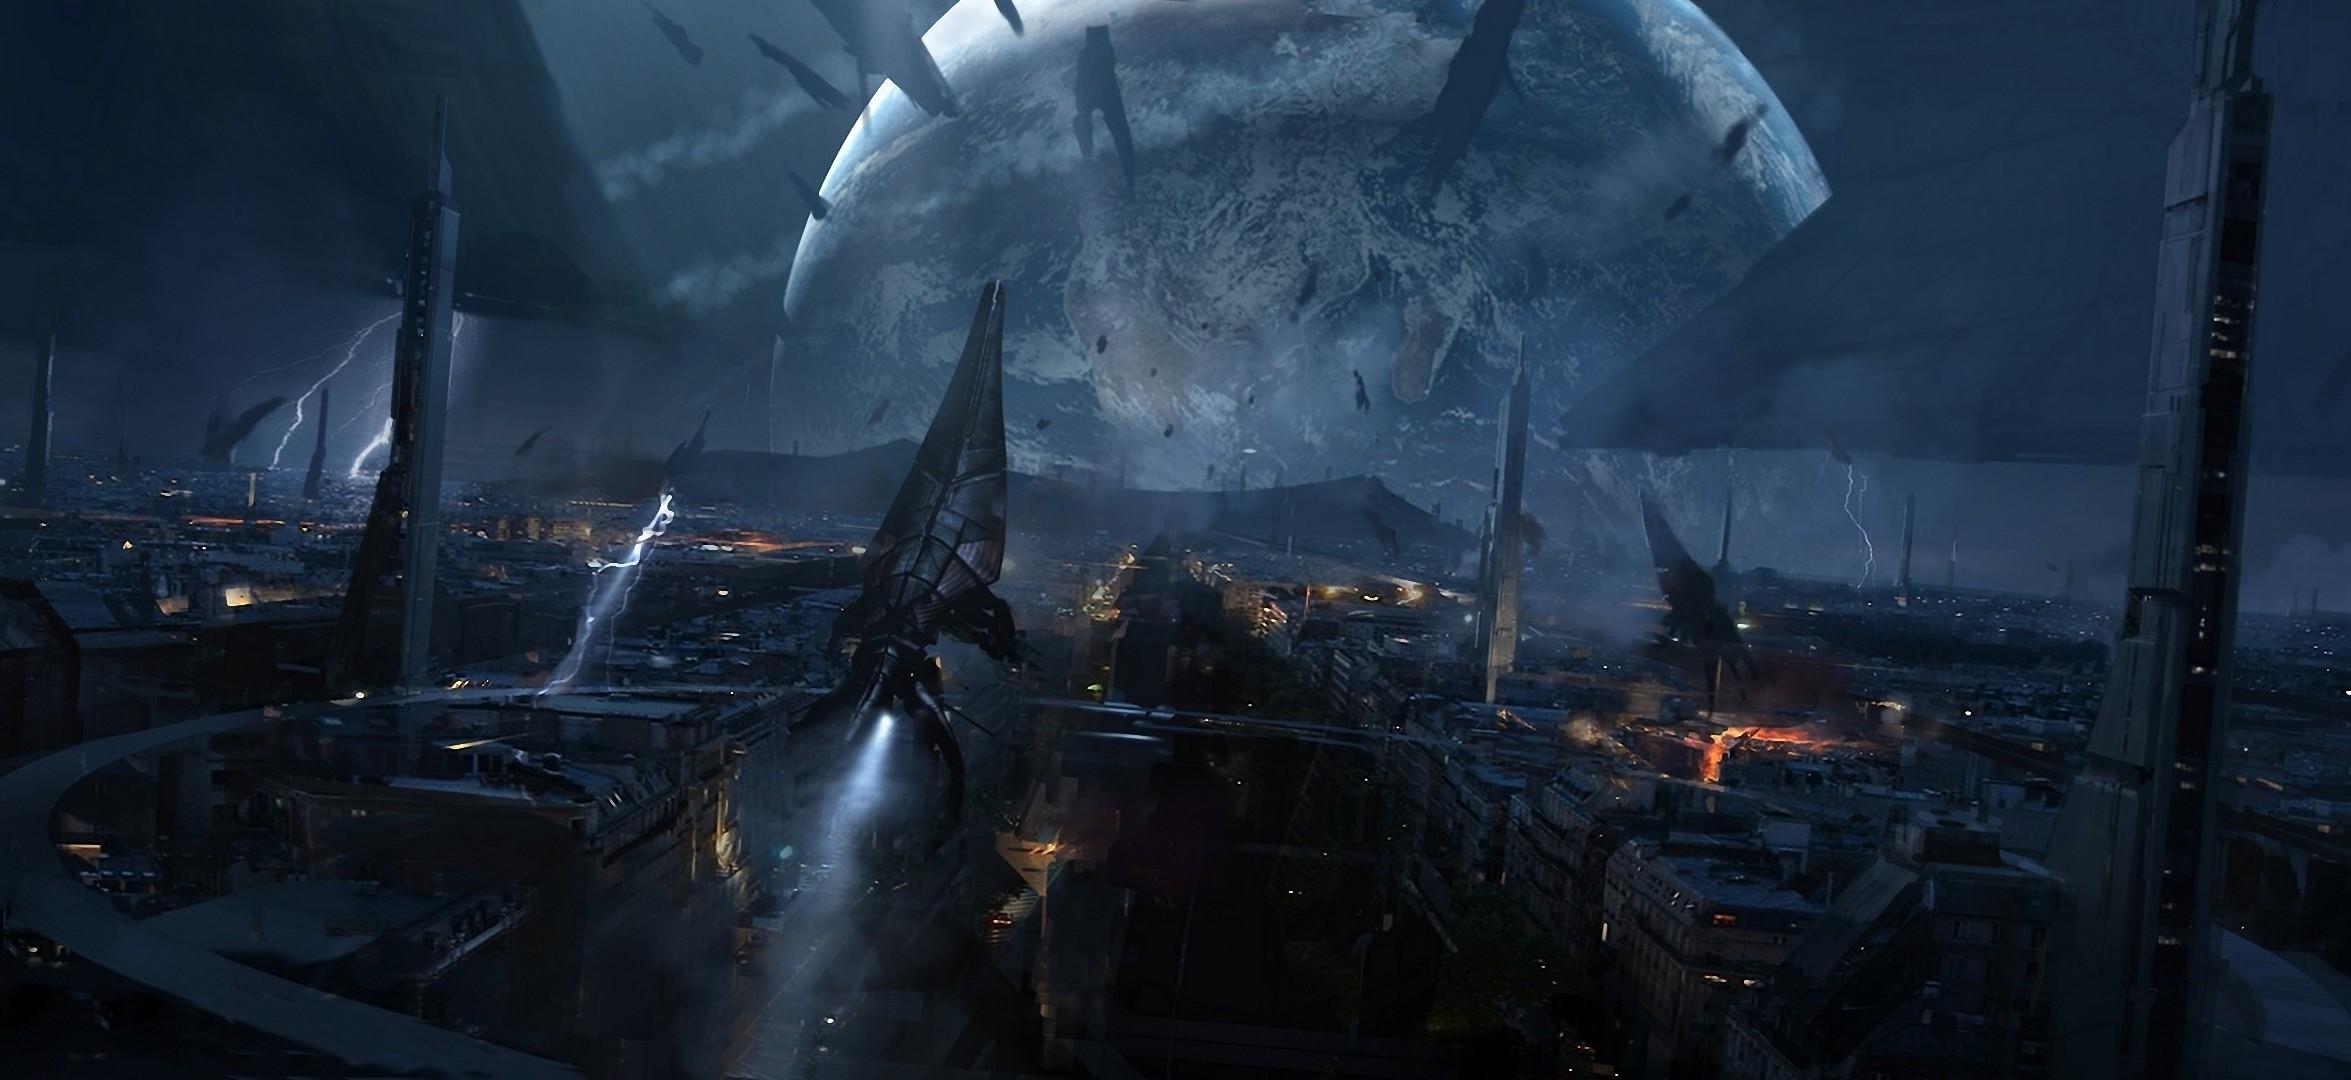 Mass Effect 3 Computer Wallpapers, Desktop Backgrounds